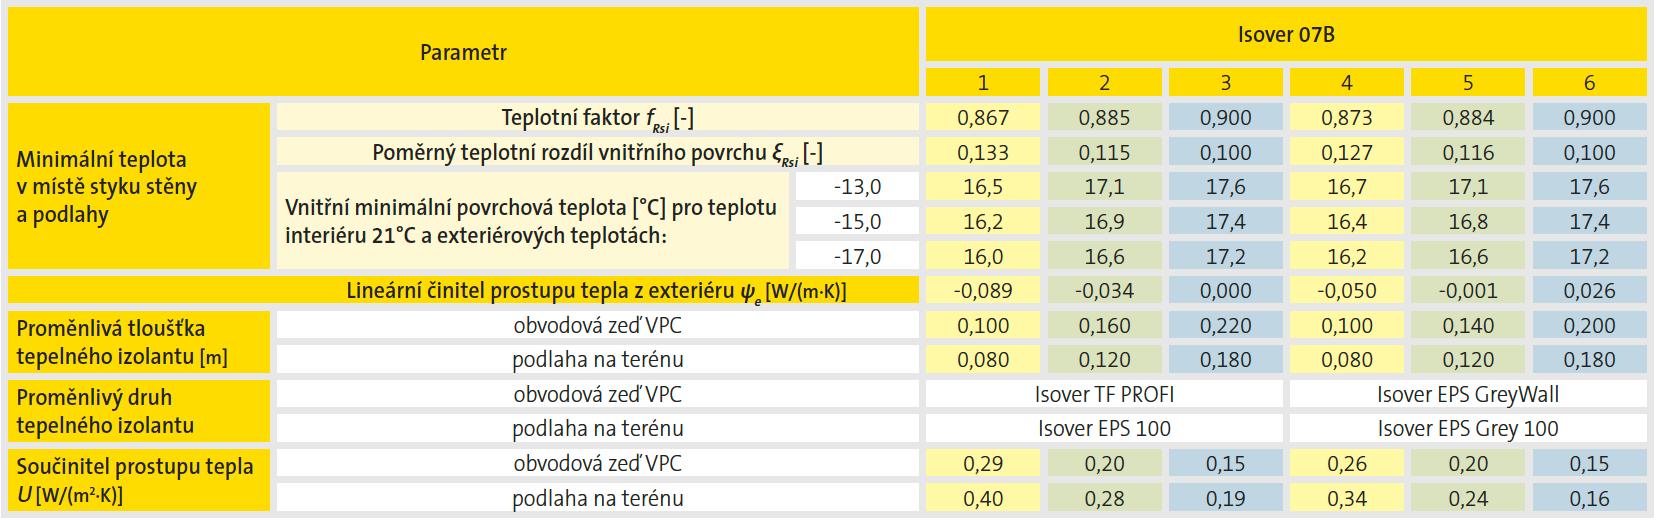 Spodní stavba - vytápěné přízemí (založeno na pasech) - výsledky výpočtového hodnocení